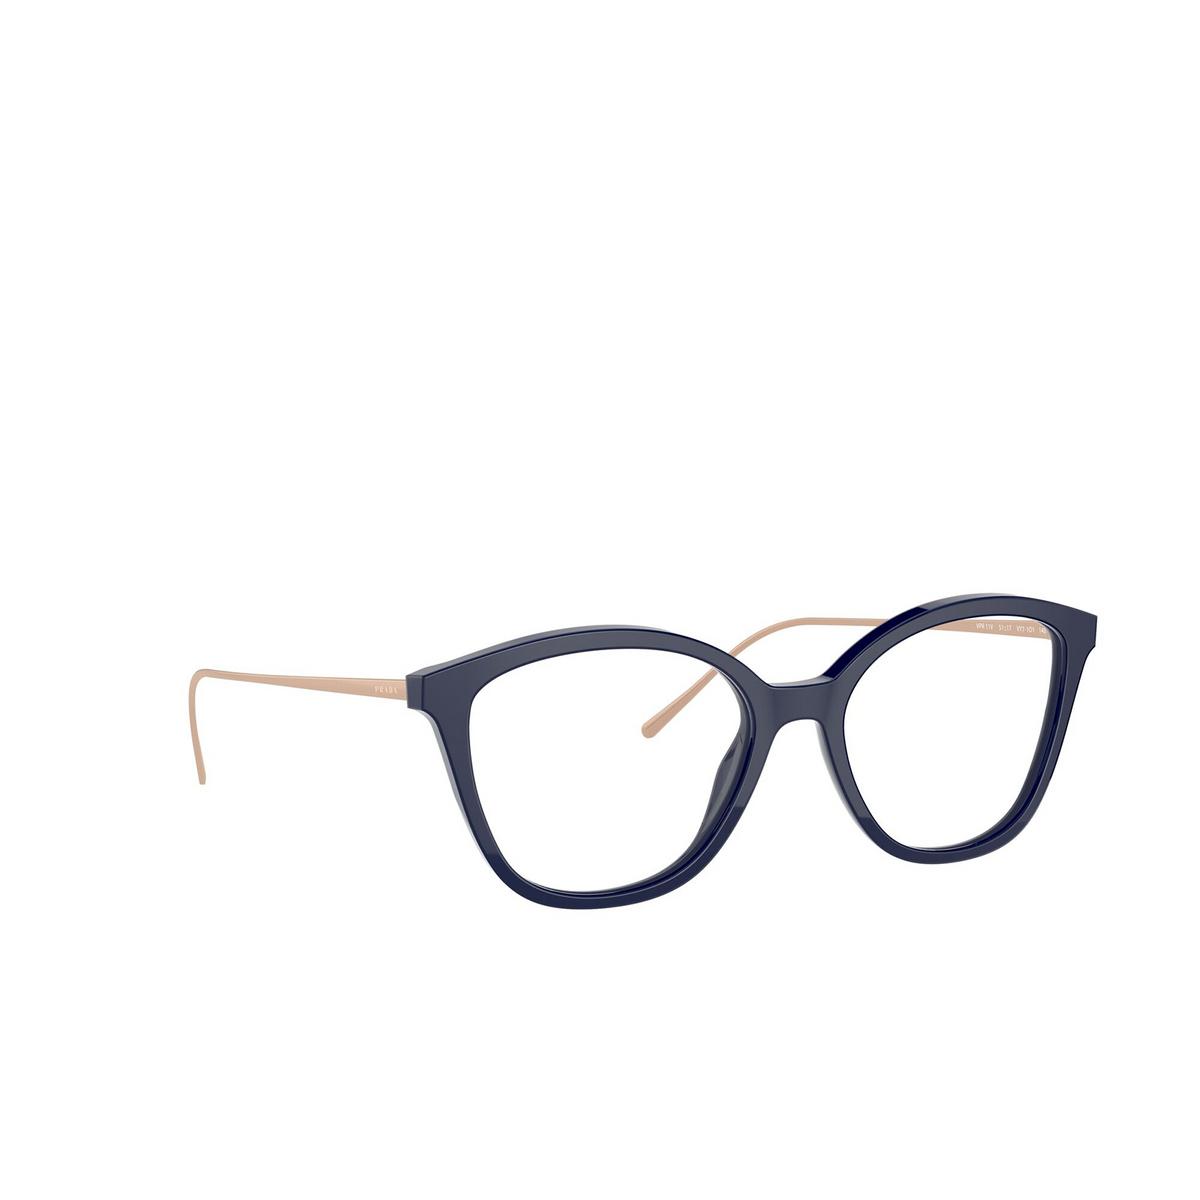 Prada® Square Eyeglasses: PR 11VV color Baltic VY71O1 - three-quarters view.